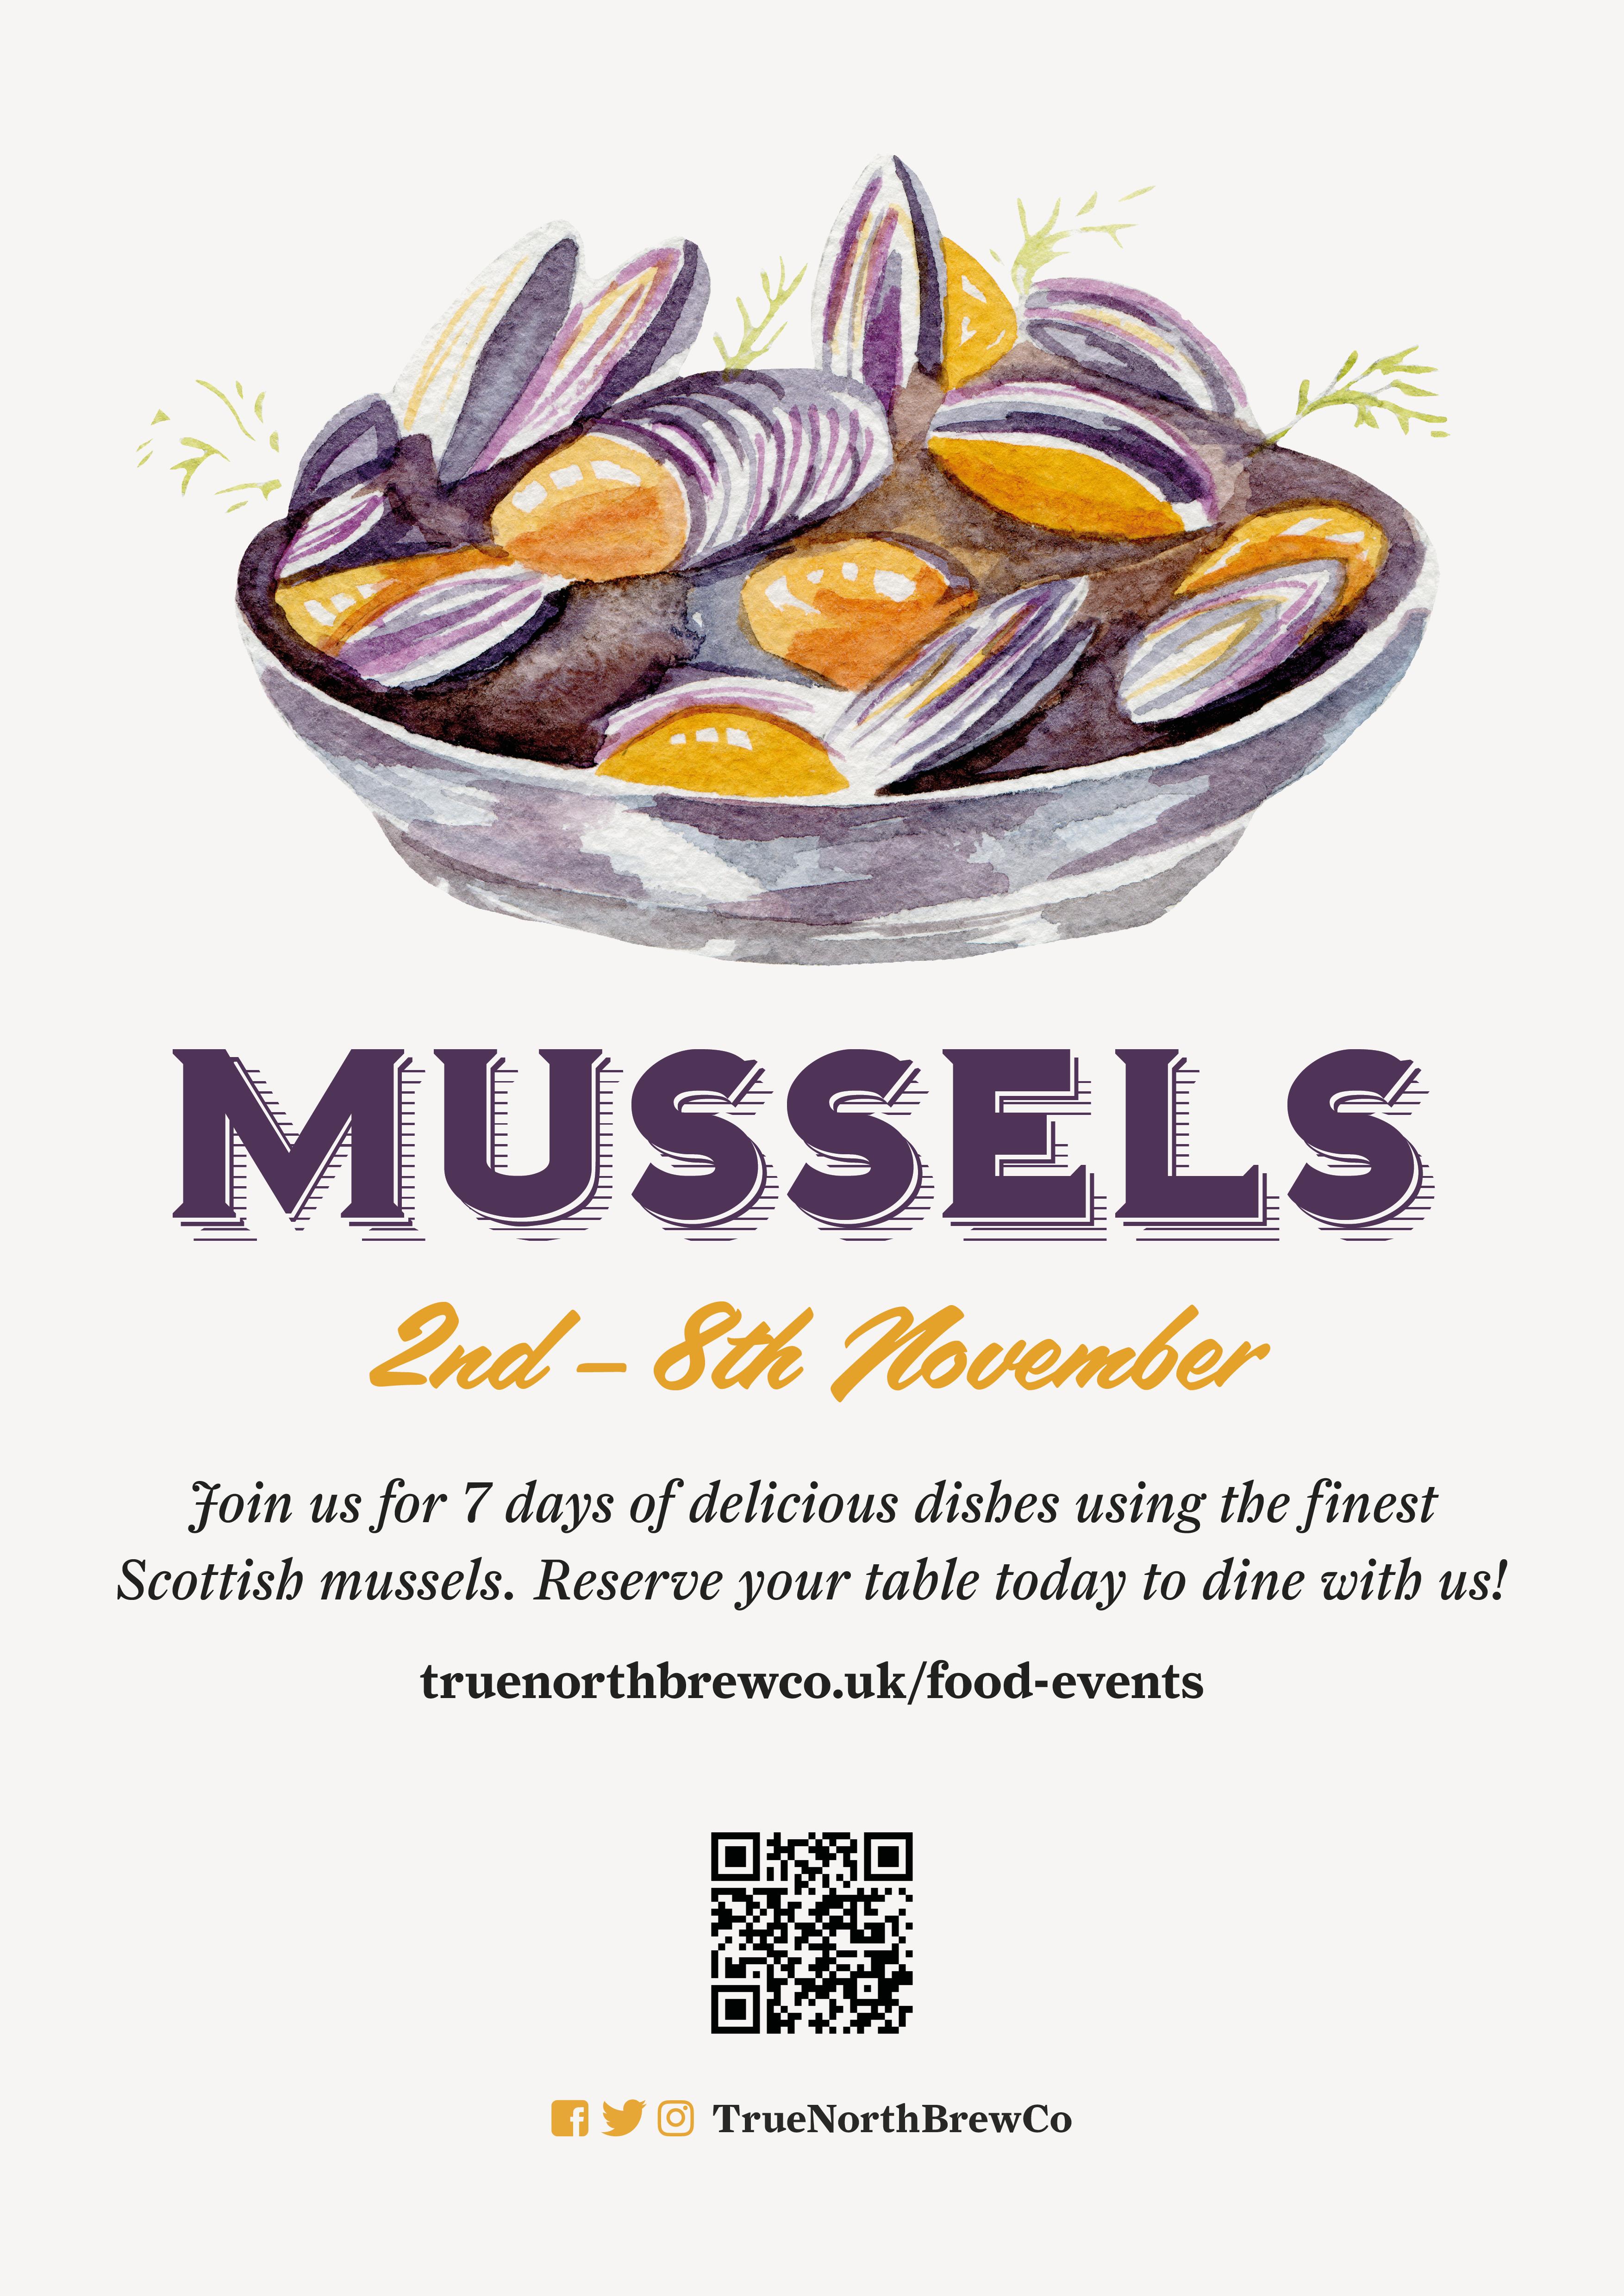 Mussels Week 2020